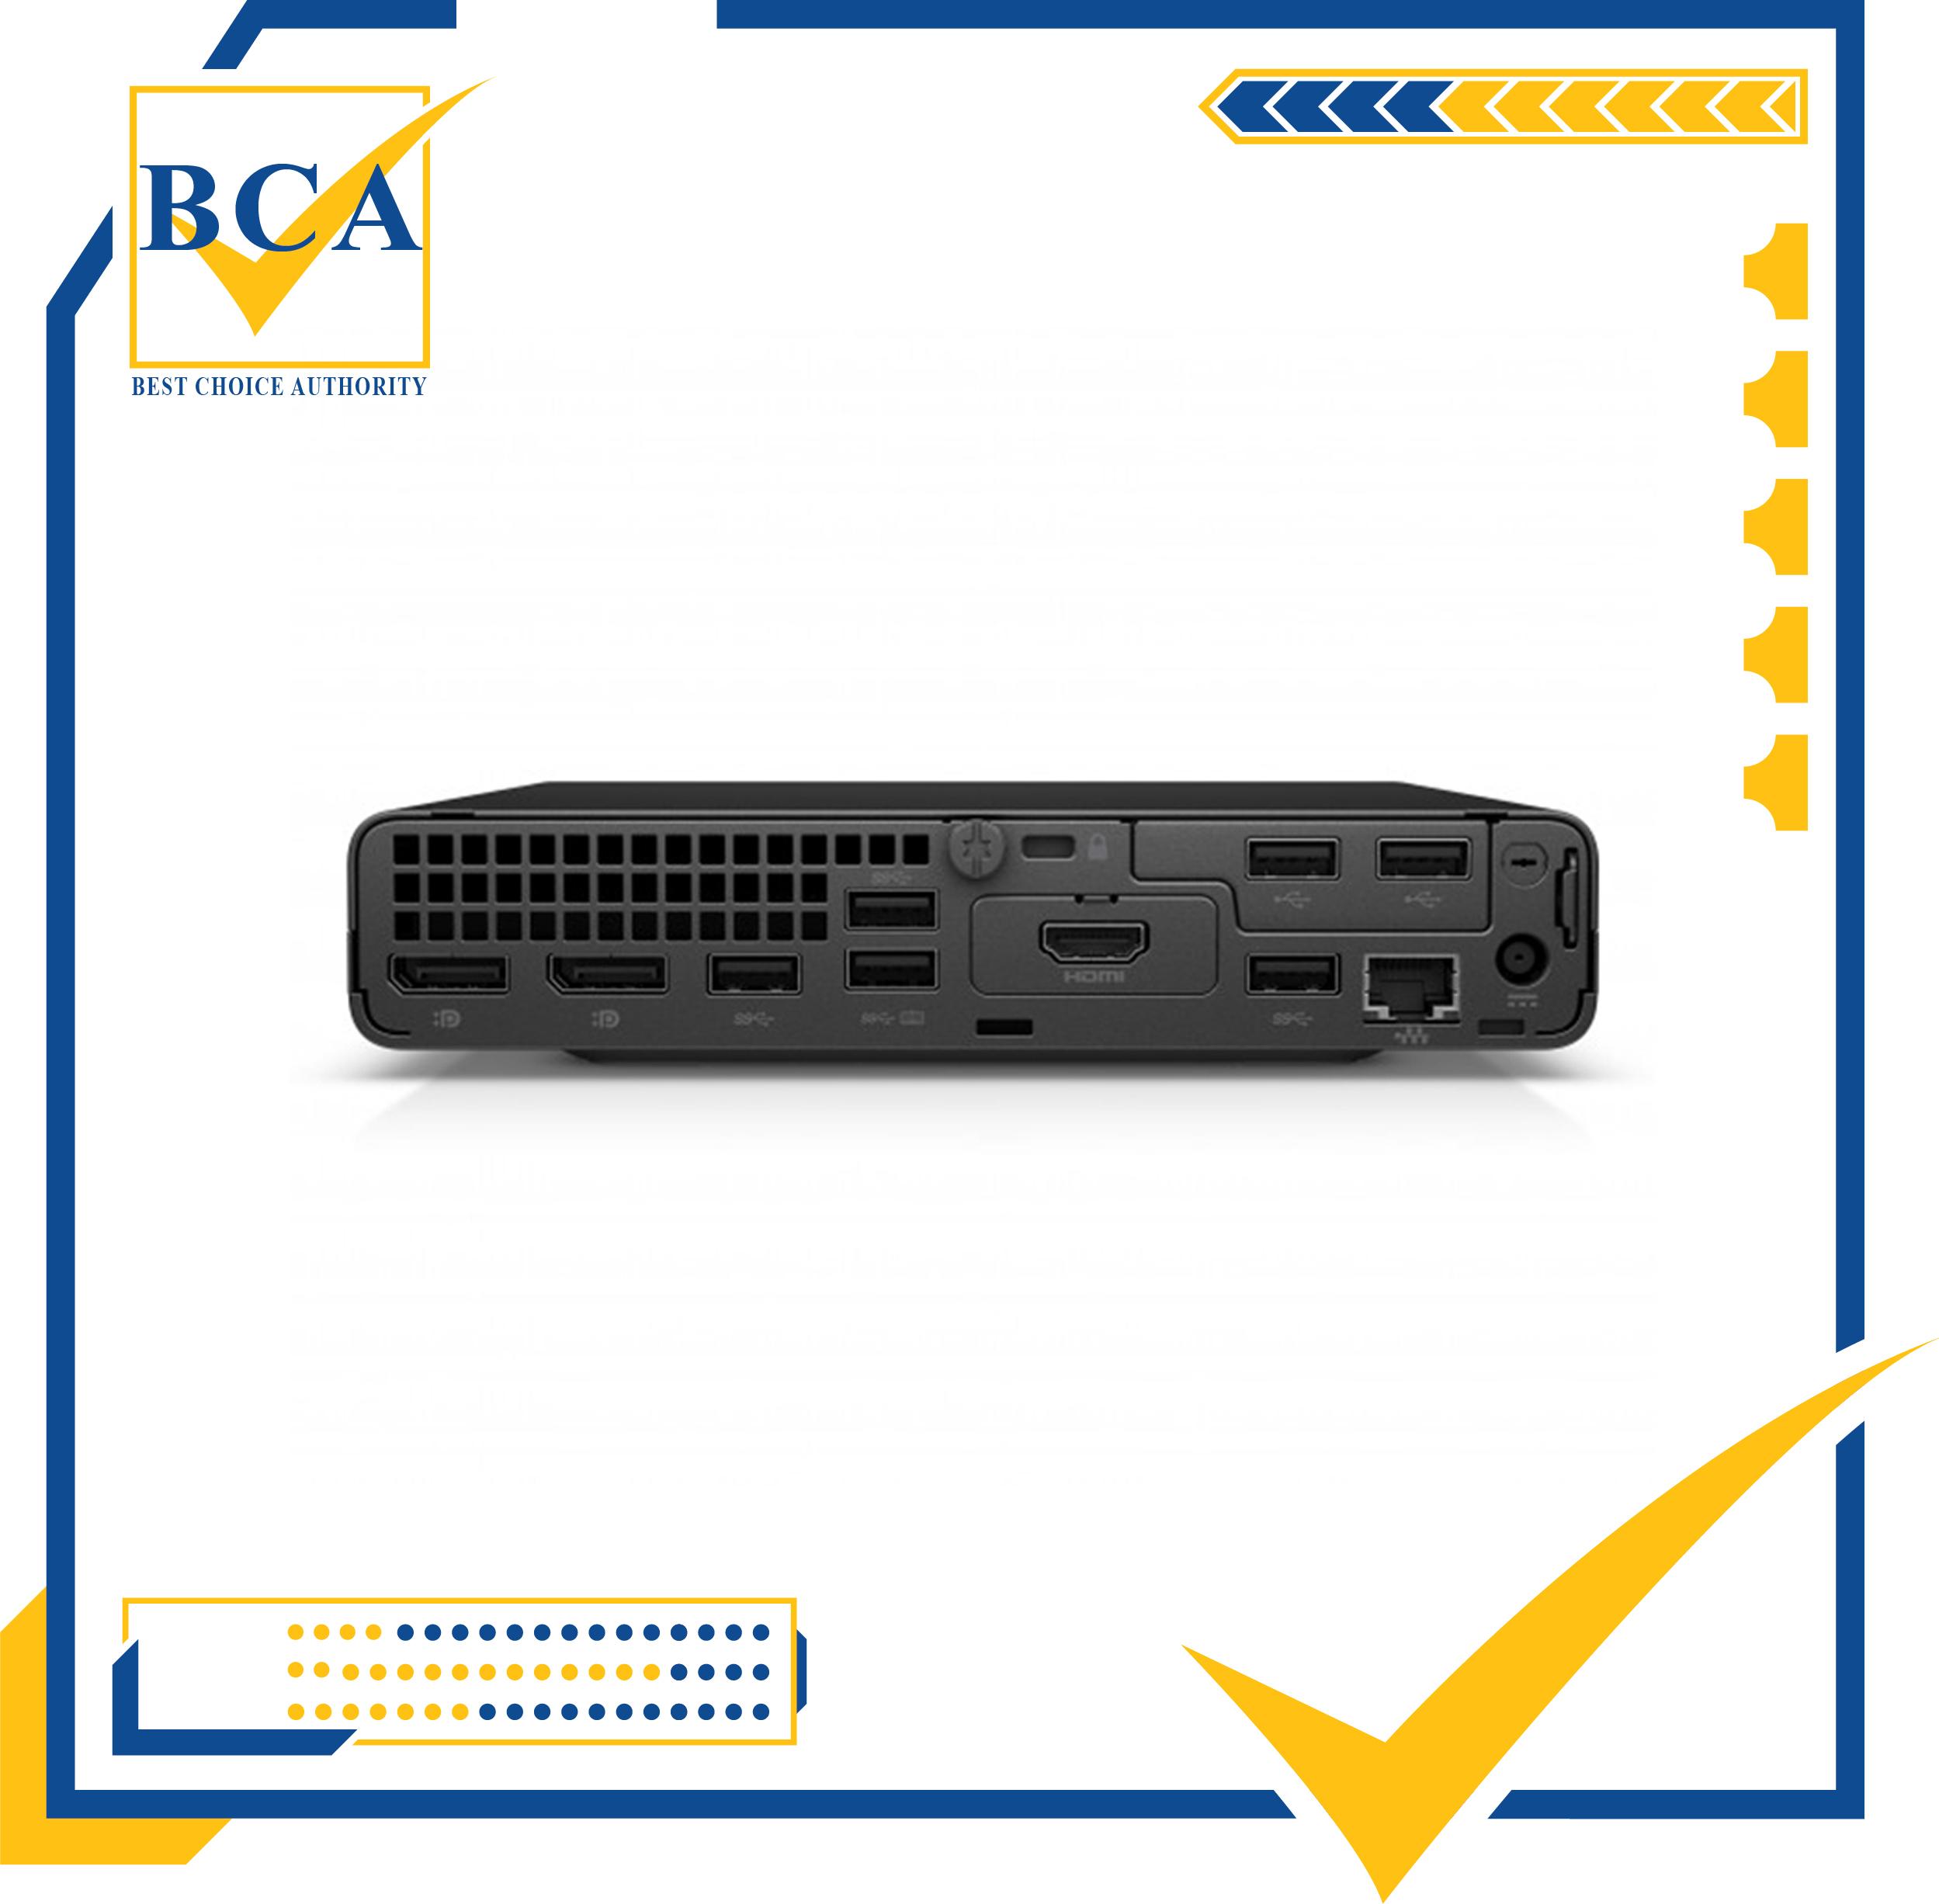 Máy tính để bàn HP ProDesk 400 G6 Desktop Mini/Intel Core i5-10500T/8GB/SSD 256GB/Win 10 Home/BH 1 năm (227J5PA)-Hàng chính hãng